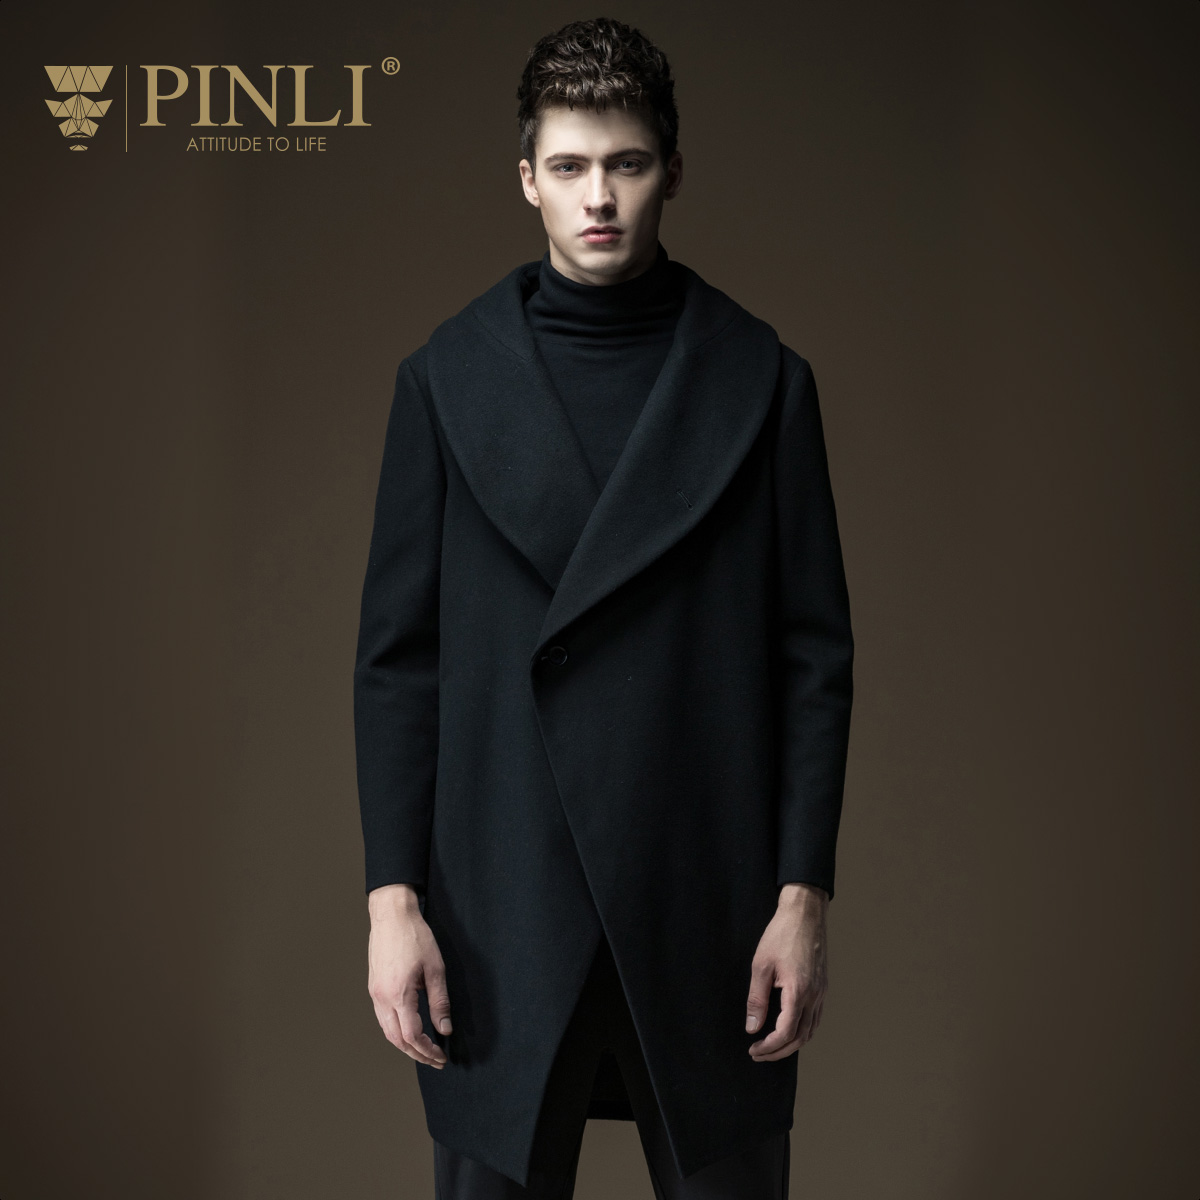 [해외]2017 직접 판매 Peacoat Coat Men 신착 표준품 Pinli 가을 남성 의류 중형 오버 코트 겉옷 B163602290/2017 Direct Selling Peacoat Coat Men New Arrival Standard Pinli Autumn Me